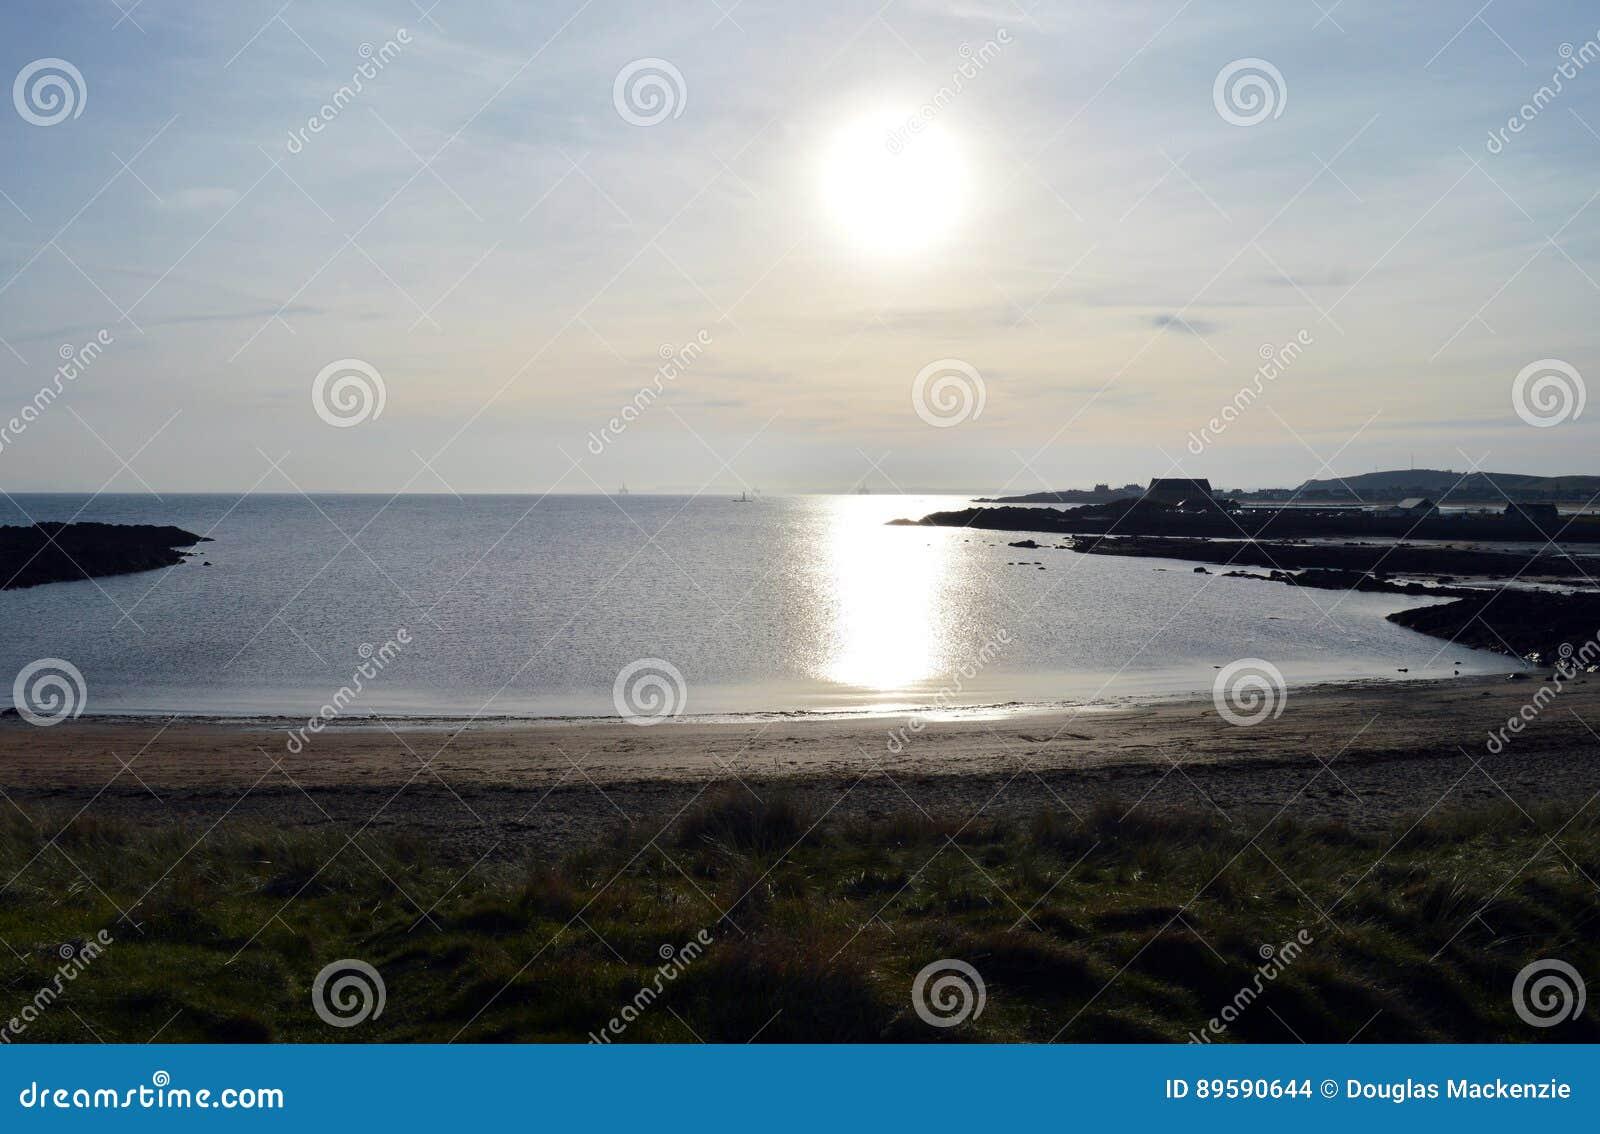 Ruby Bay, Elie, Fife, Schotland - Noordzee, die zon gelijk maken